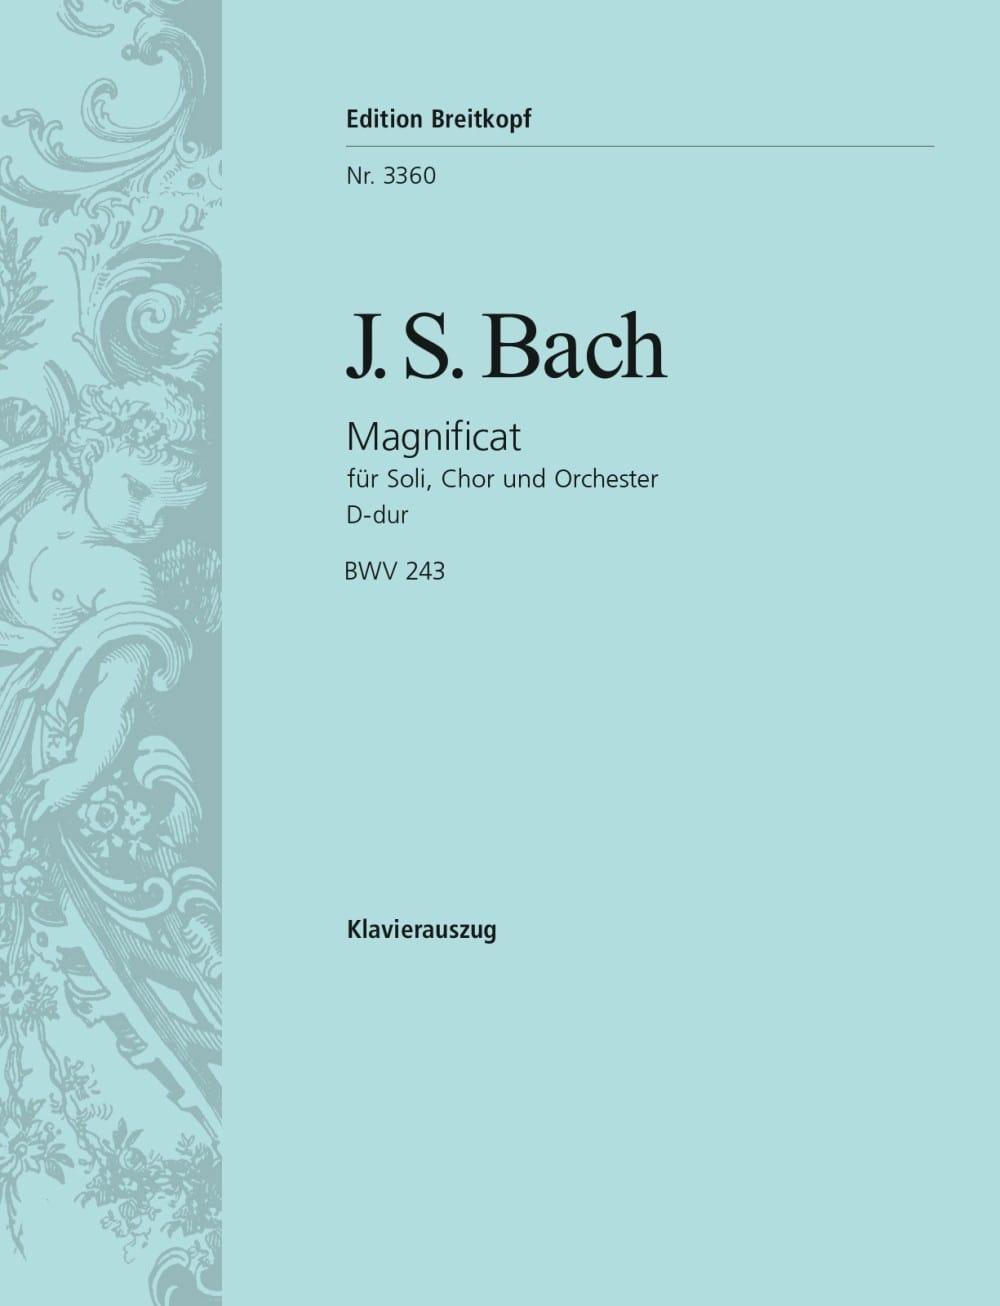 Magnificat En Ré majeur BWV 243 - BACH - Partition - laflutedepan.com